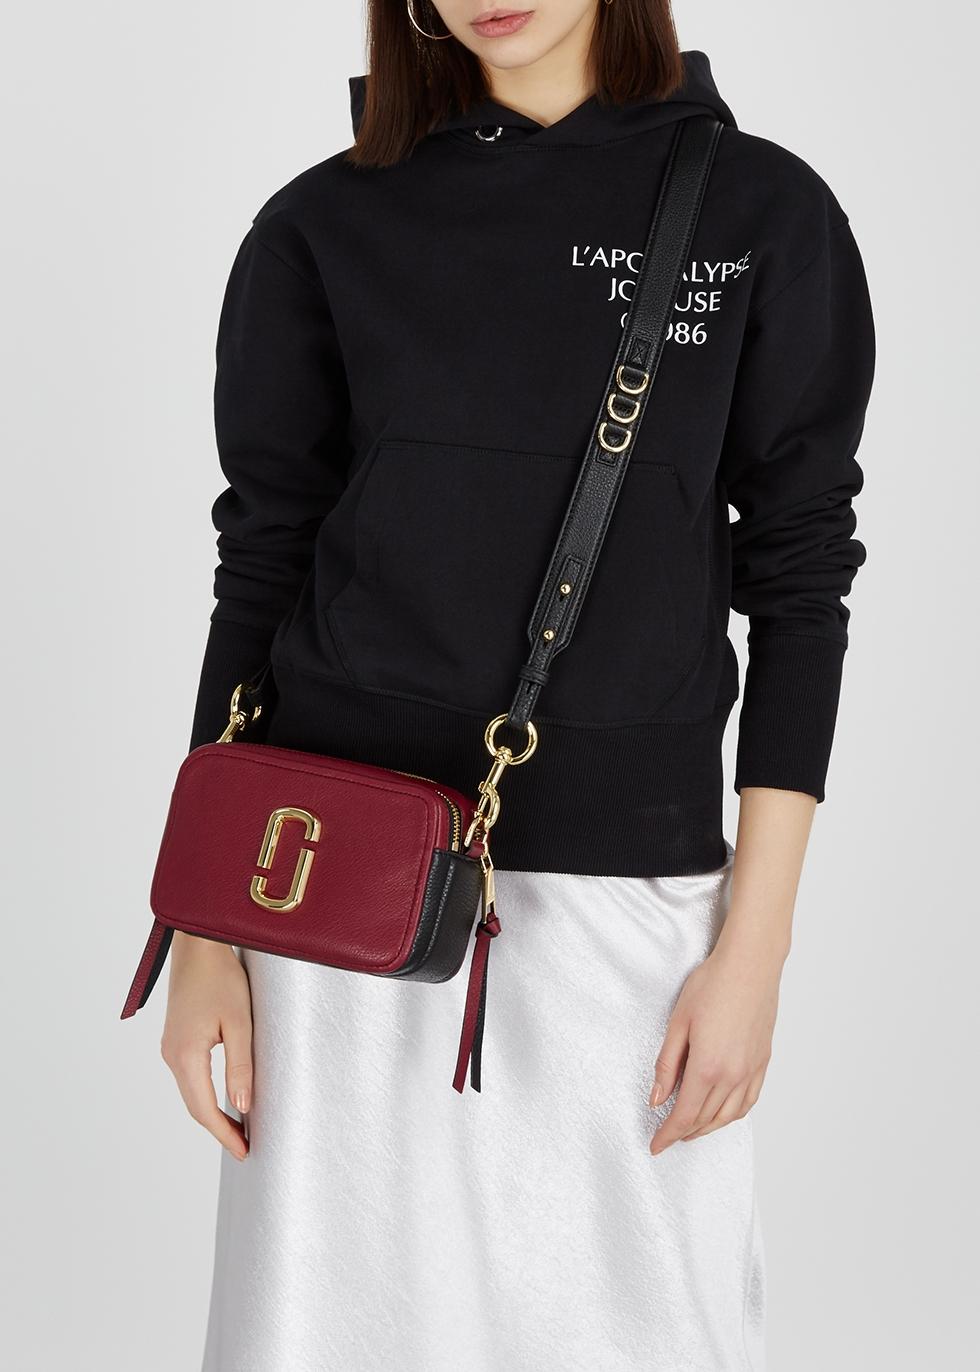 a6dc3d9bb366 Marc Jacobs Softshot 21 burgundy leather shoulder bag - Harvey Nichols